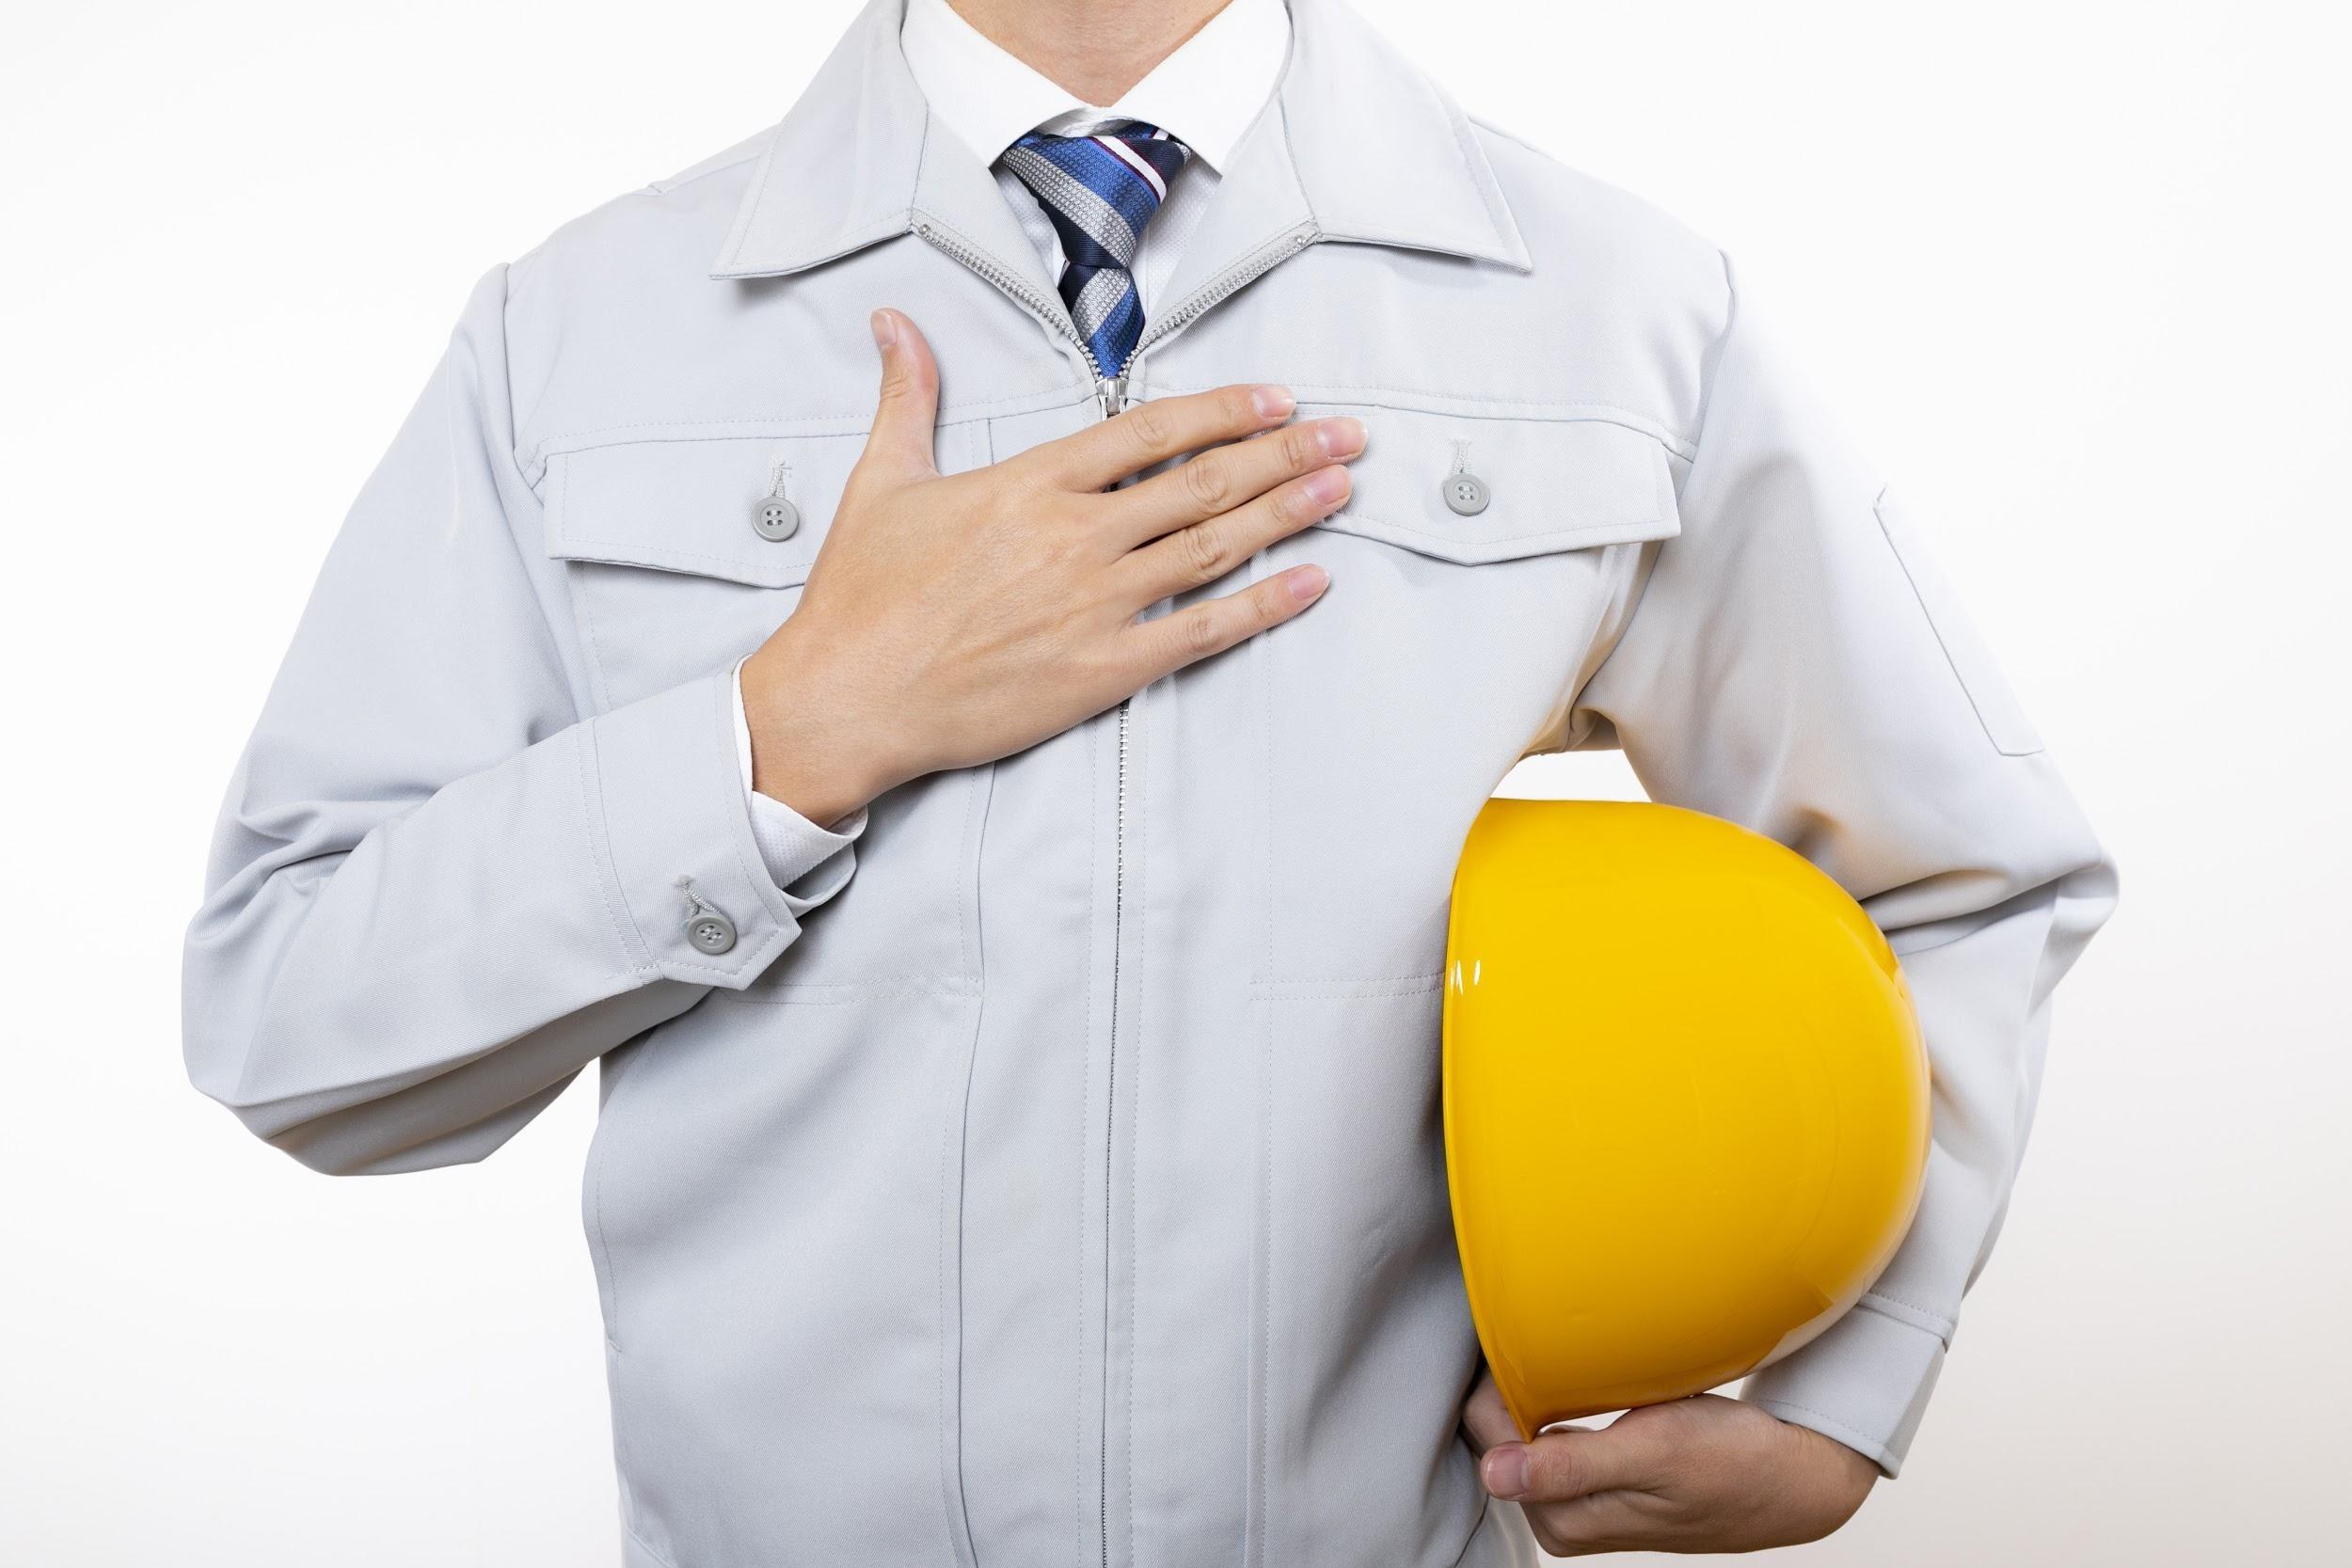 保険申請の実績を確認する